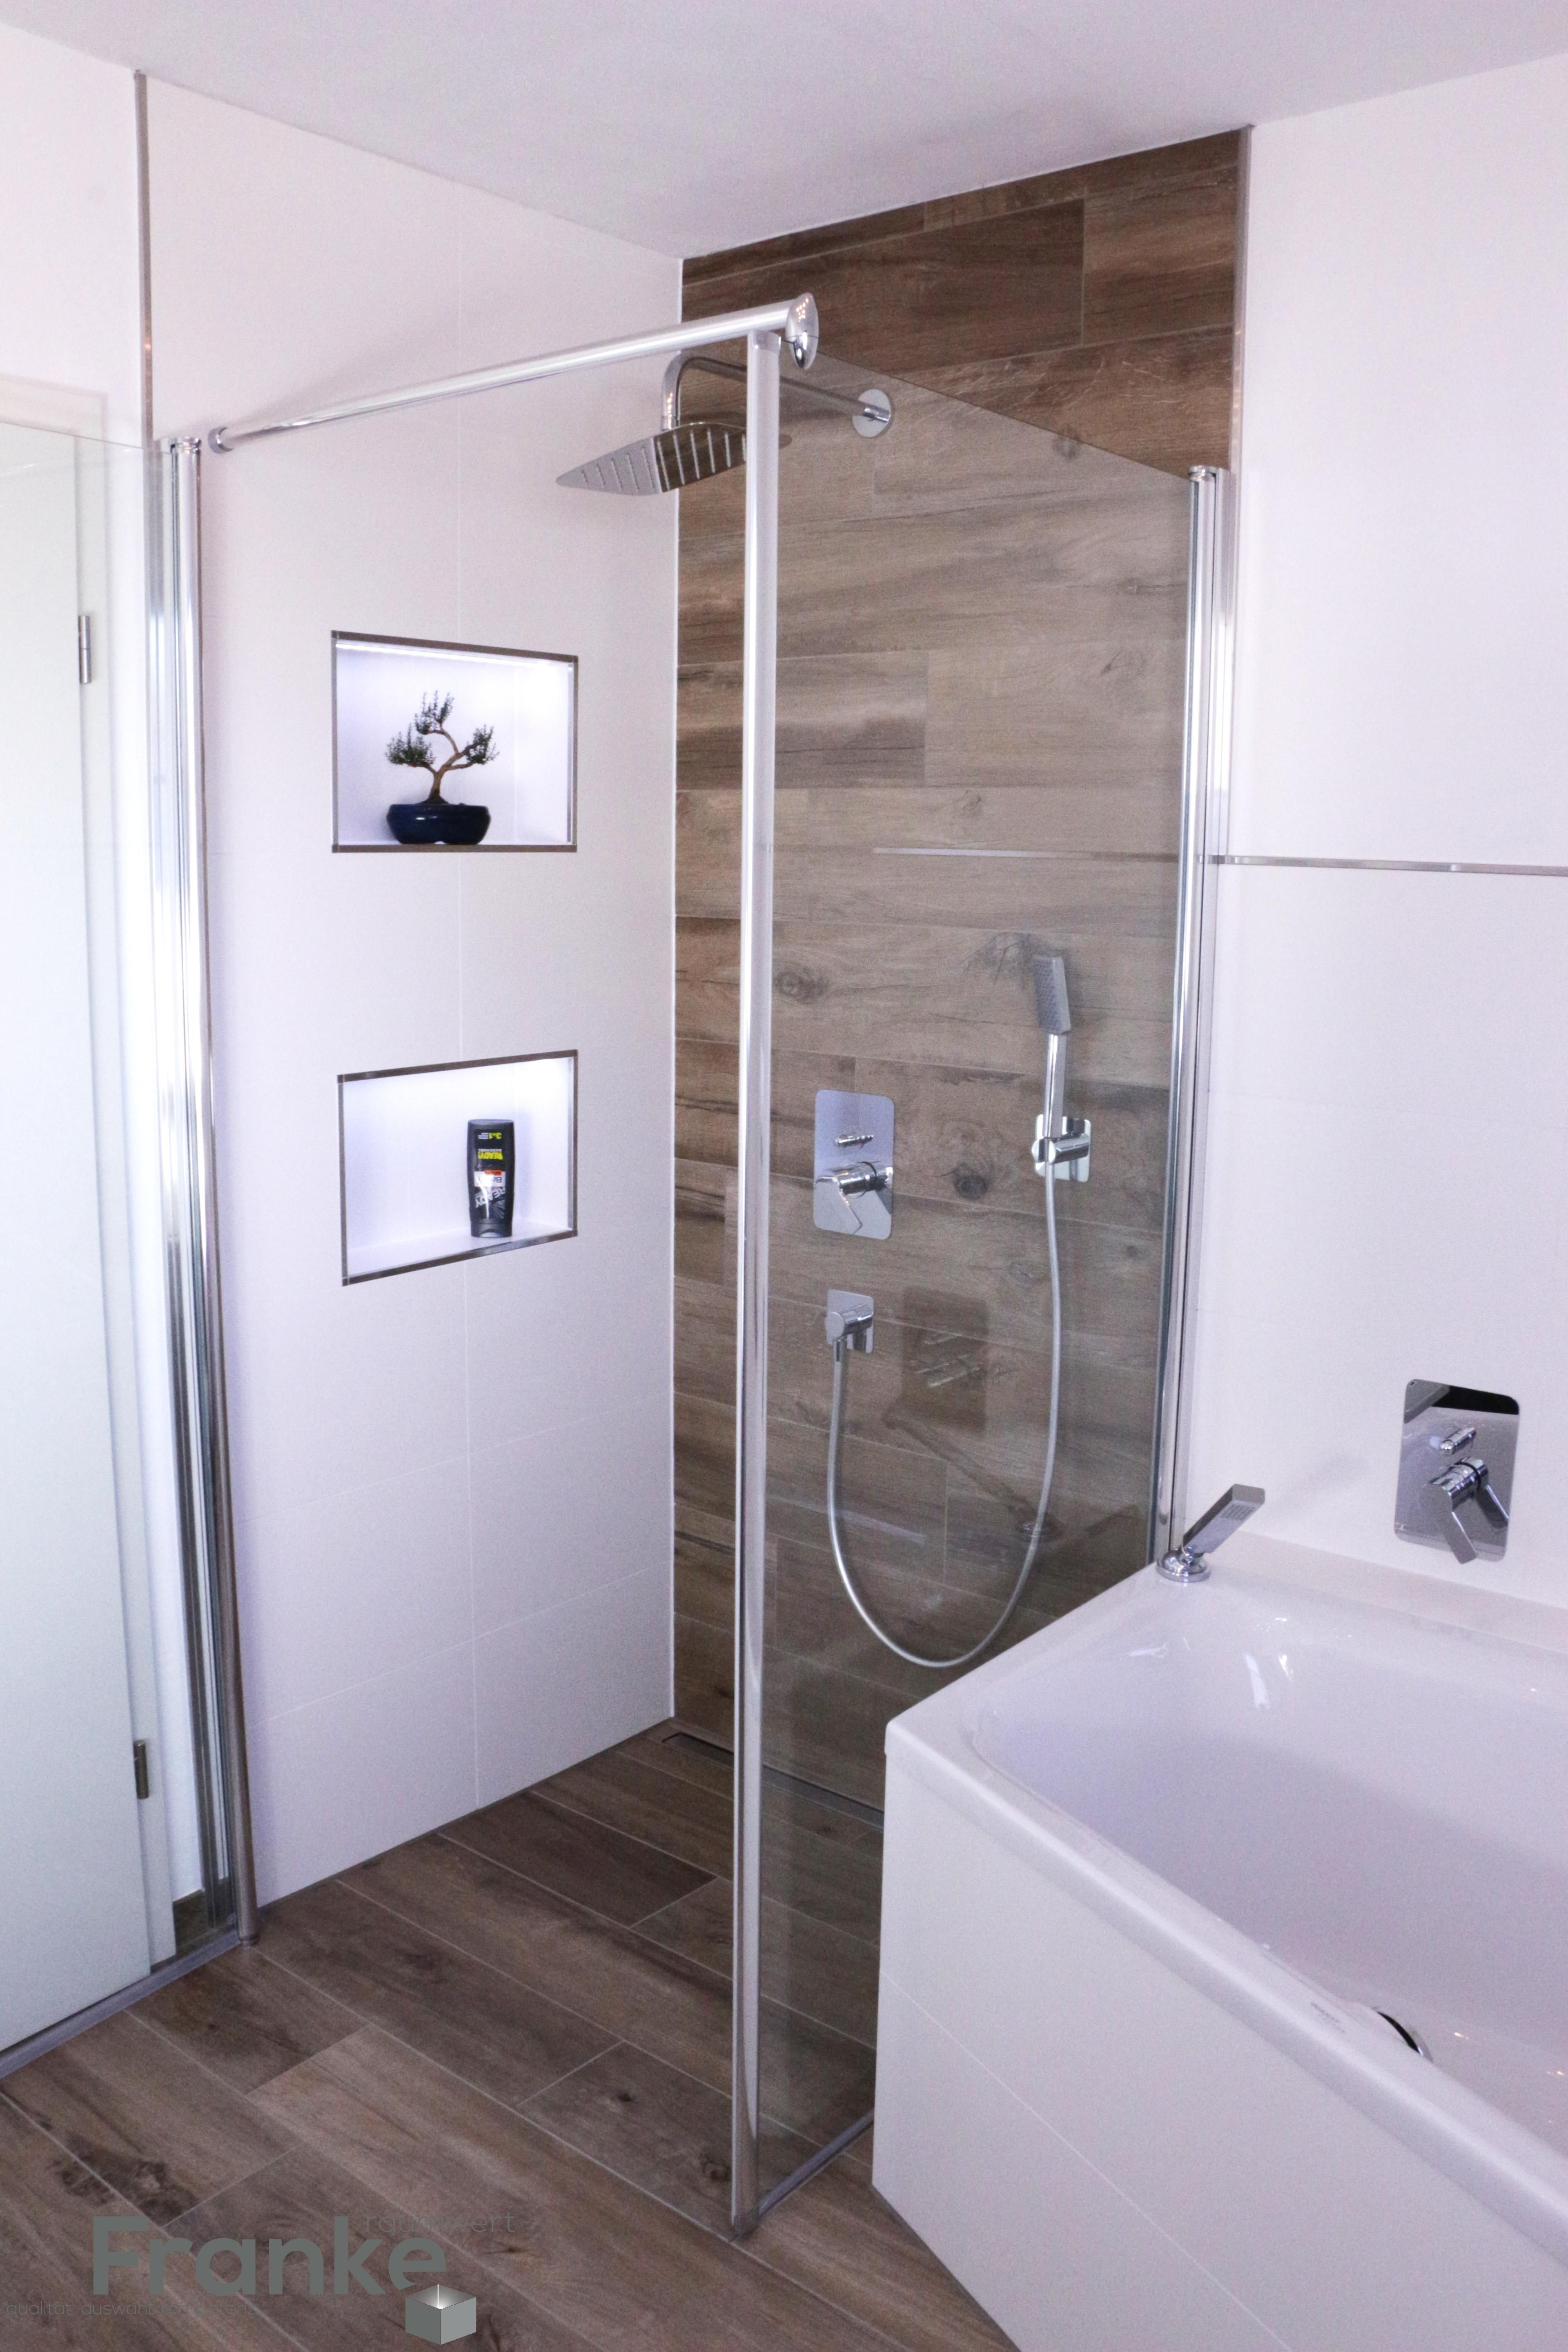 Fliesen Badezimmer Fliesen Ideen Bilder Badezimmer Dusche Fliesen Badezimmer